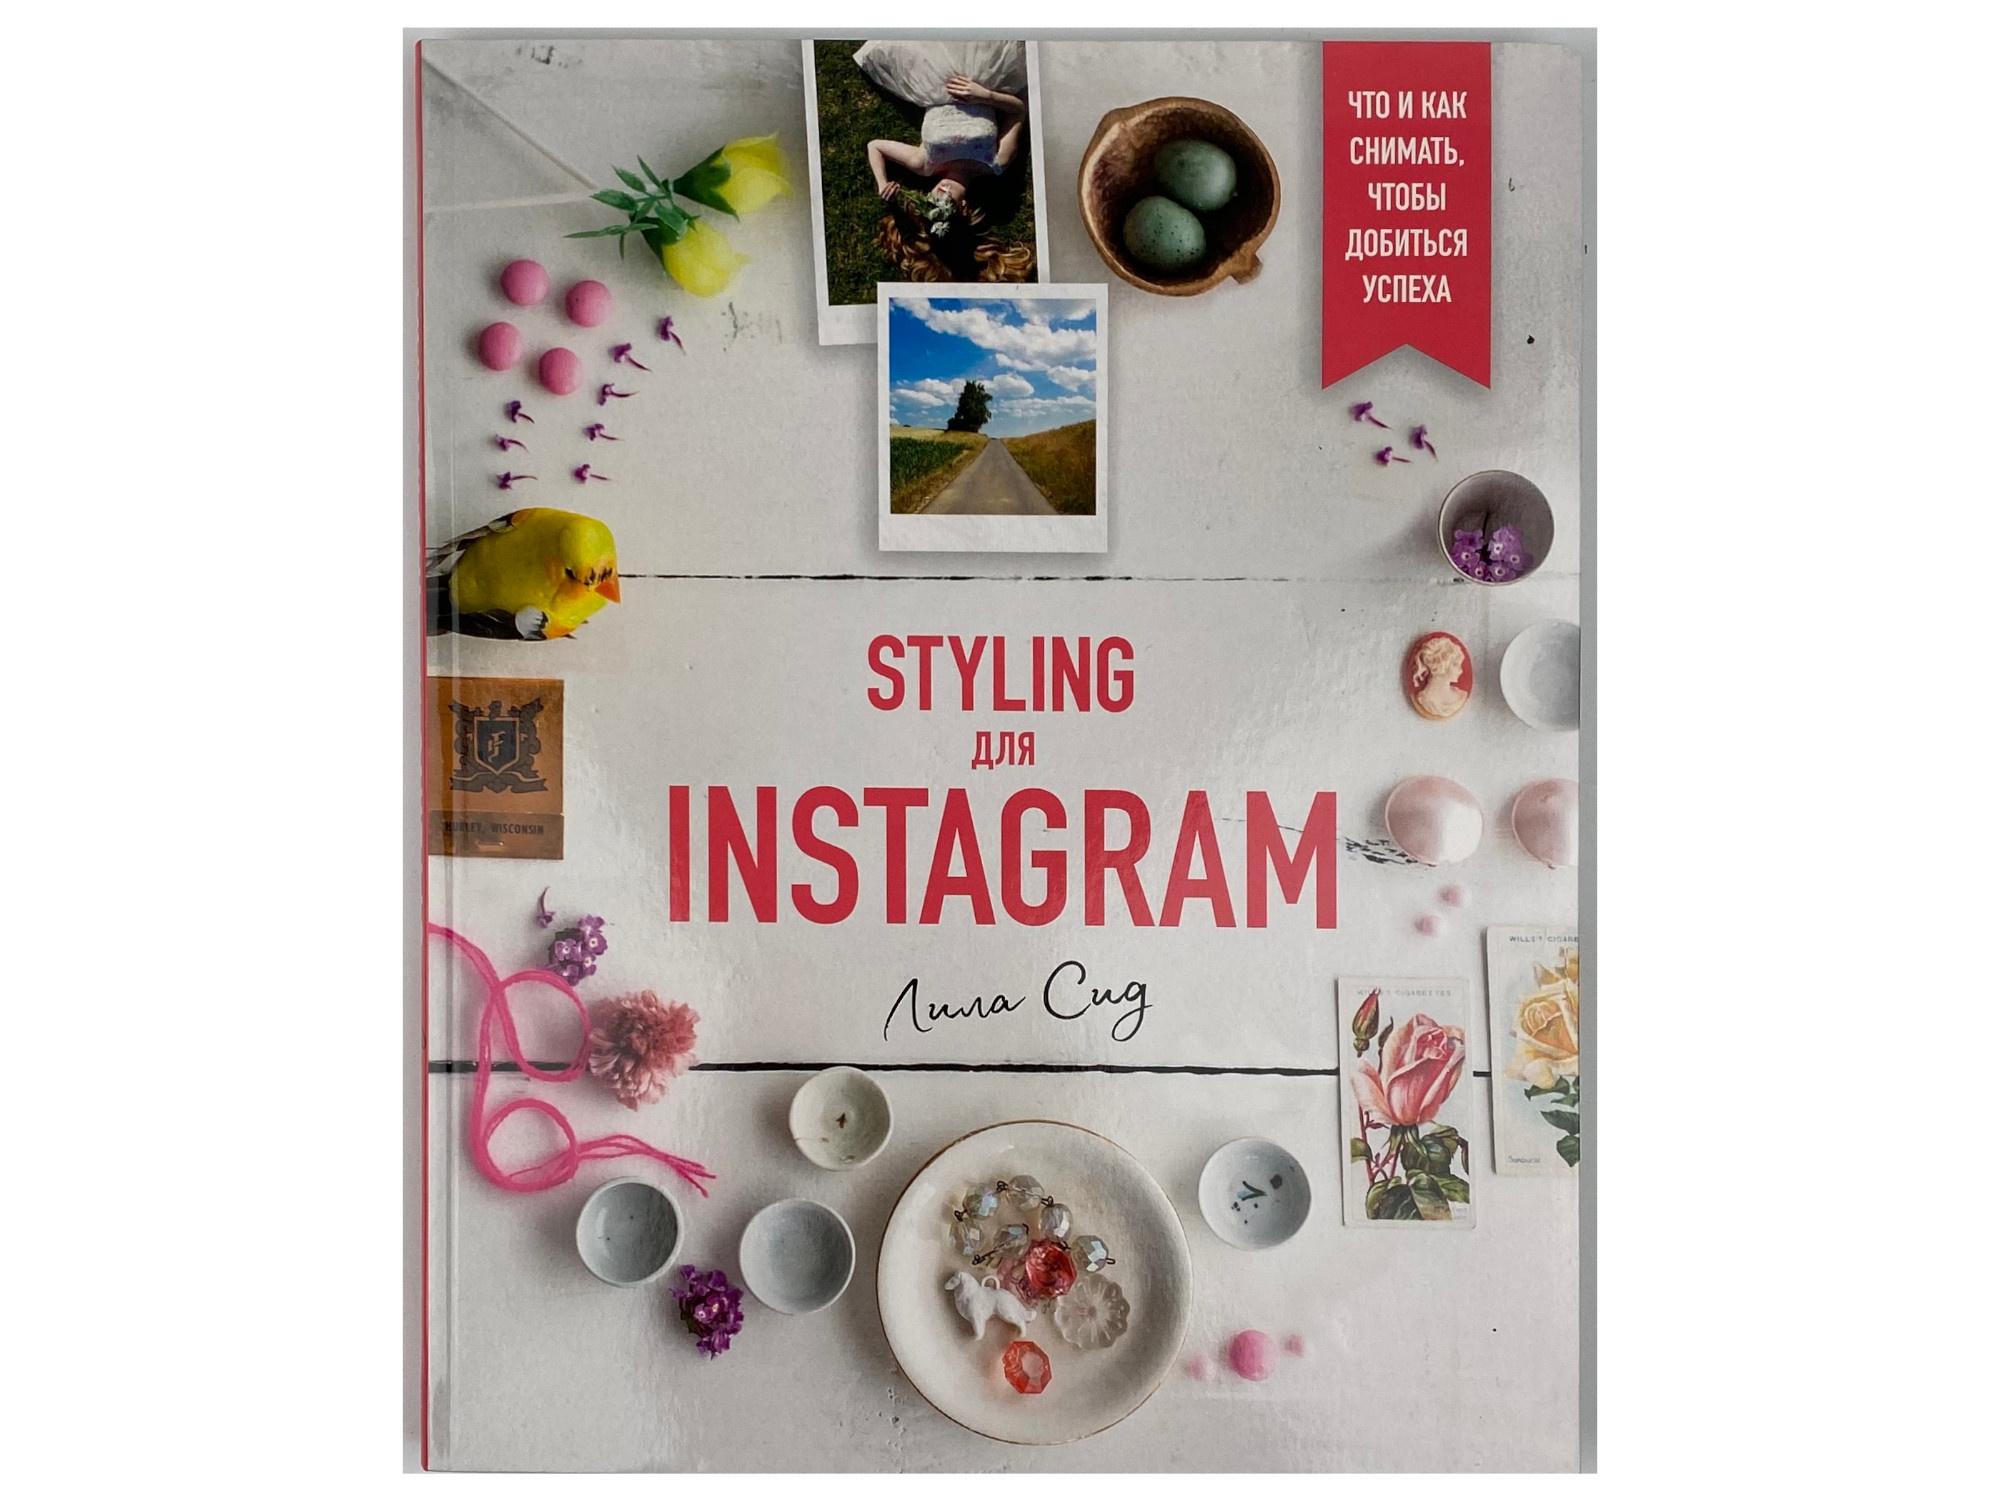 Styling для Instagram. Что и как снимать, чтобы добиться успеха. Автор — Лила Сид. Переплет —